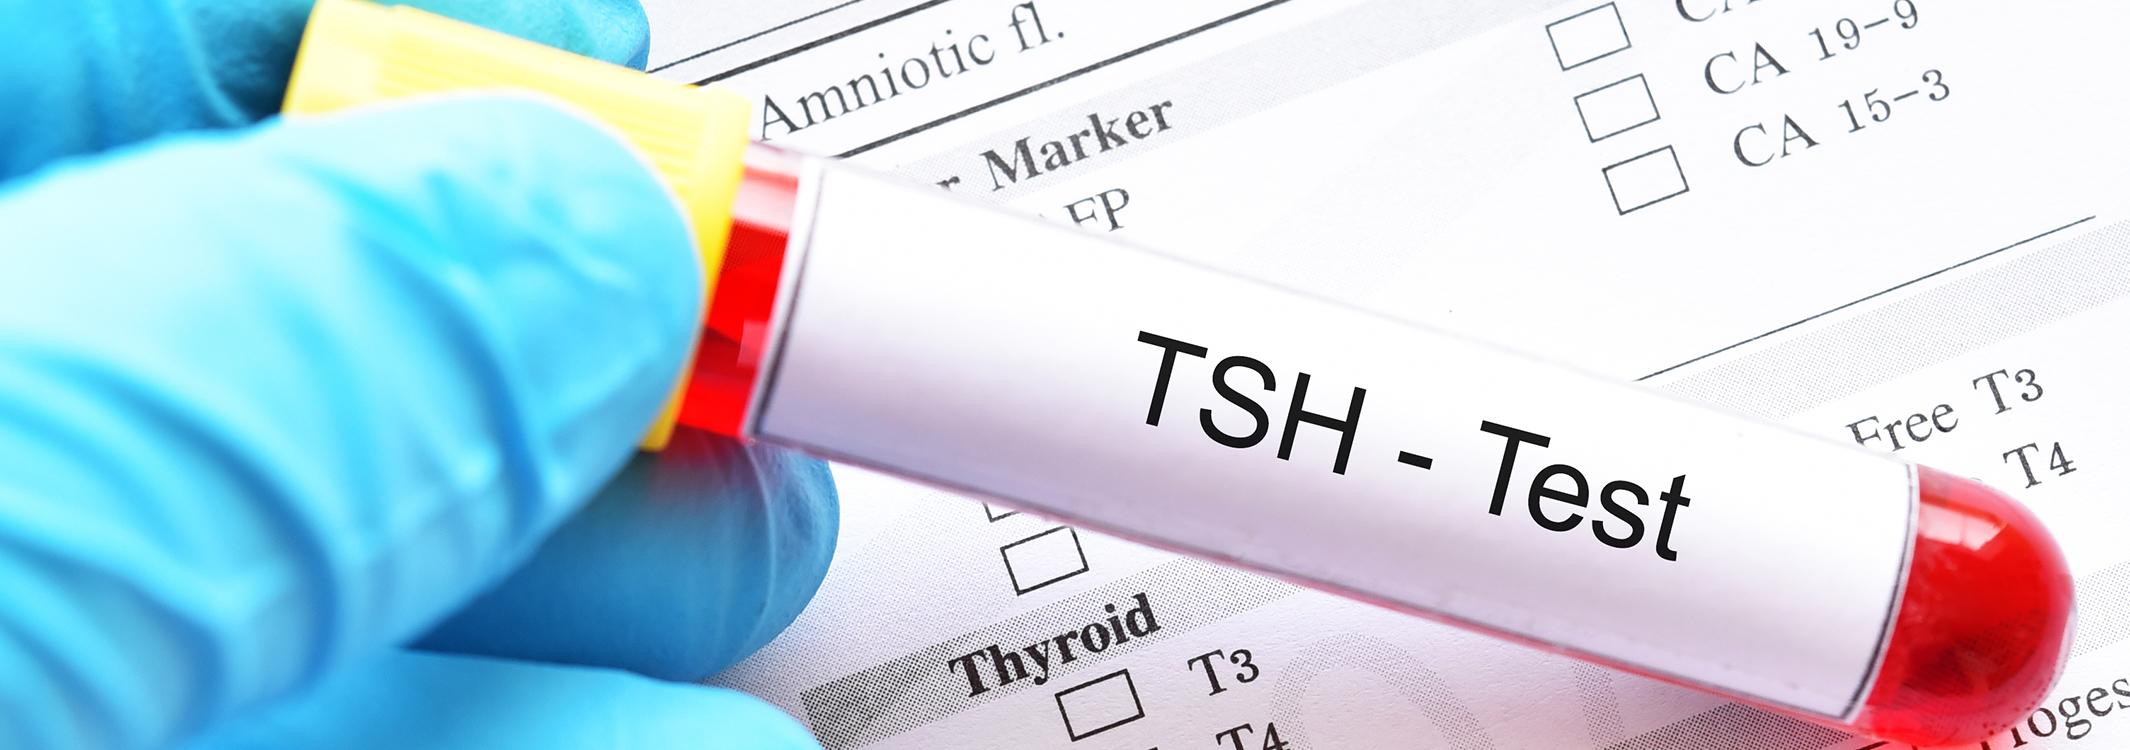 تحليل الغدة الدرقية Tsh إذا كان منخفض مجلة رجيم